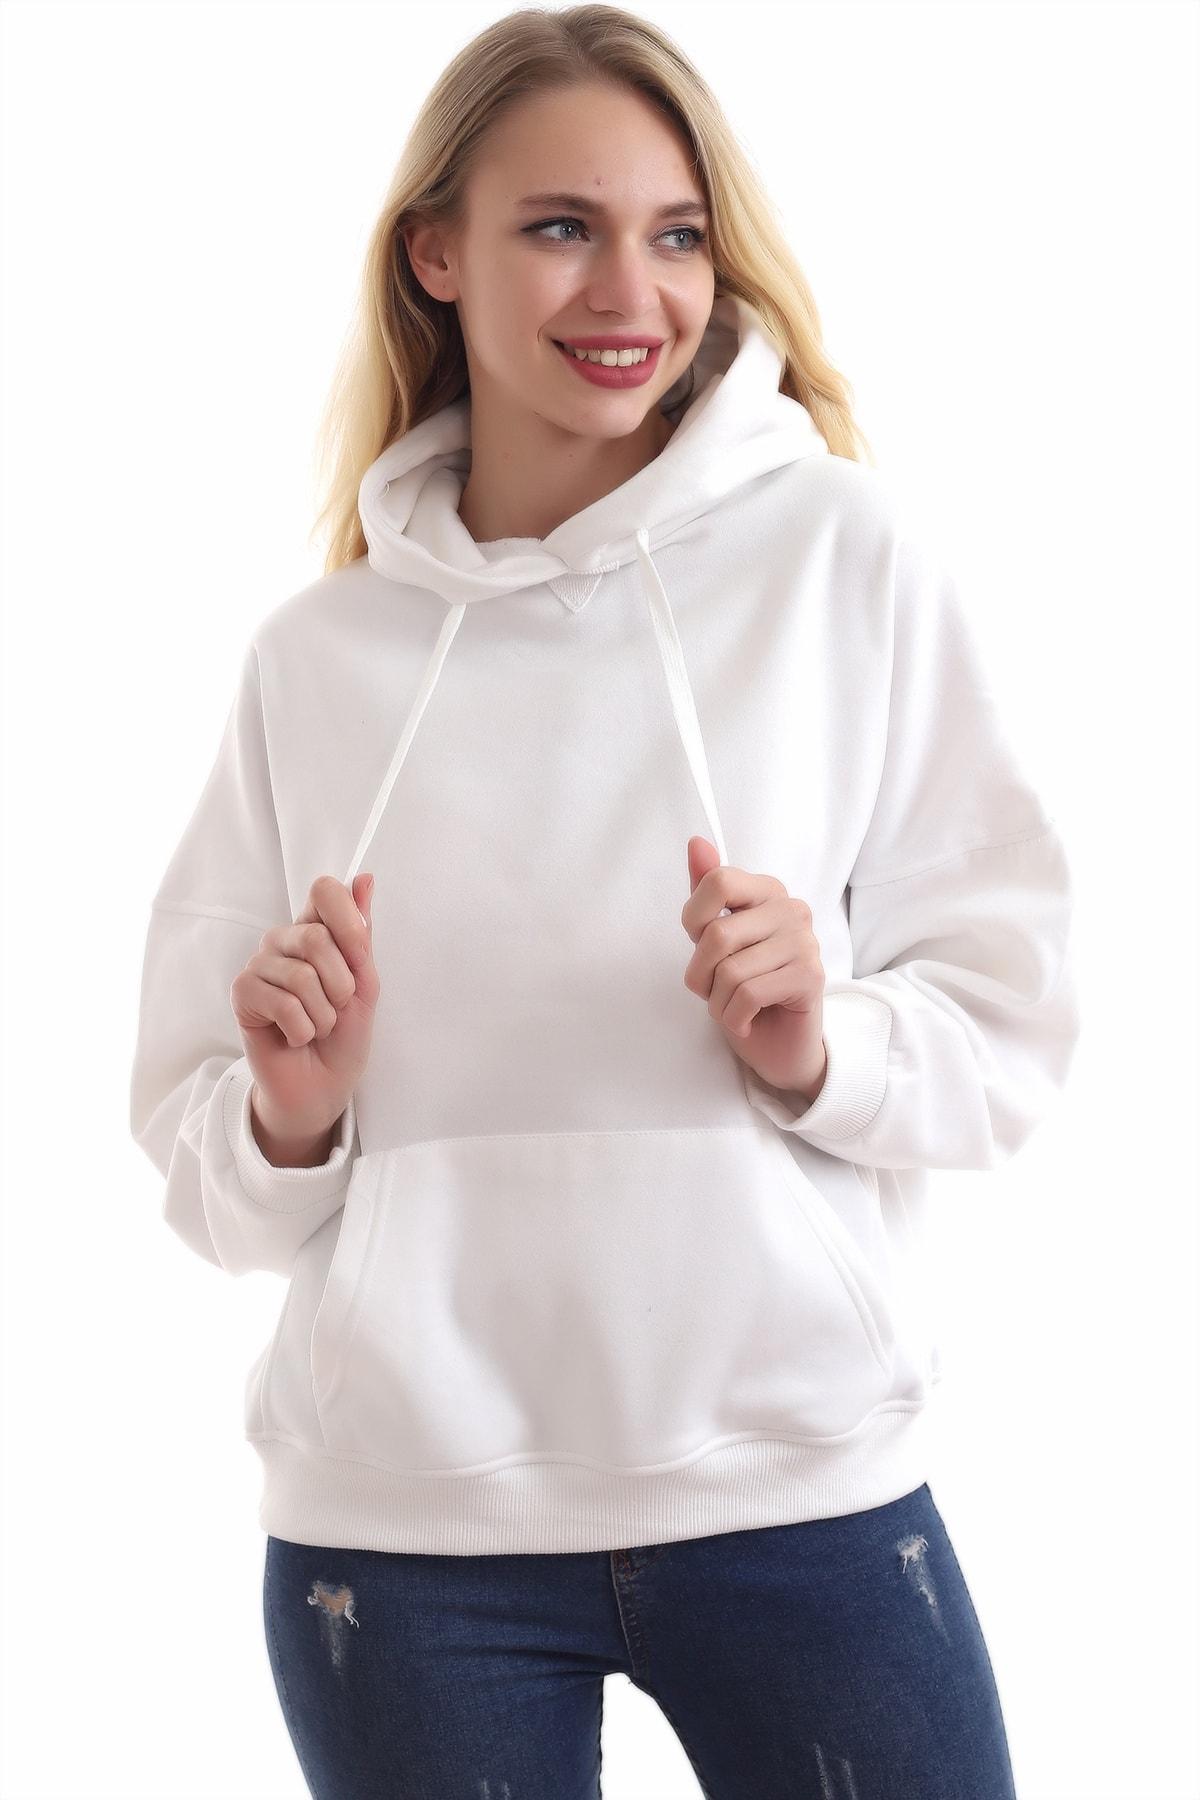 boffin Kadın Beyaz İçi Pamuklu Oversıze Sweatshirt 1